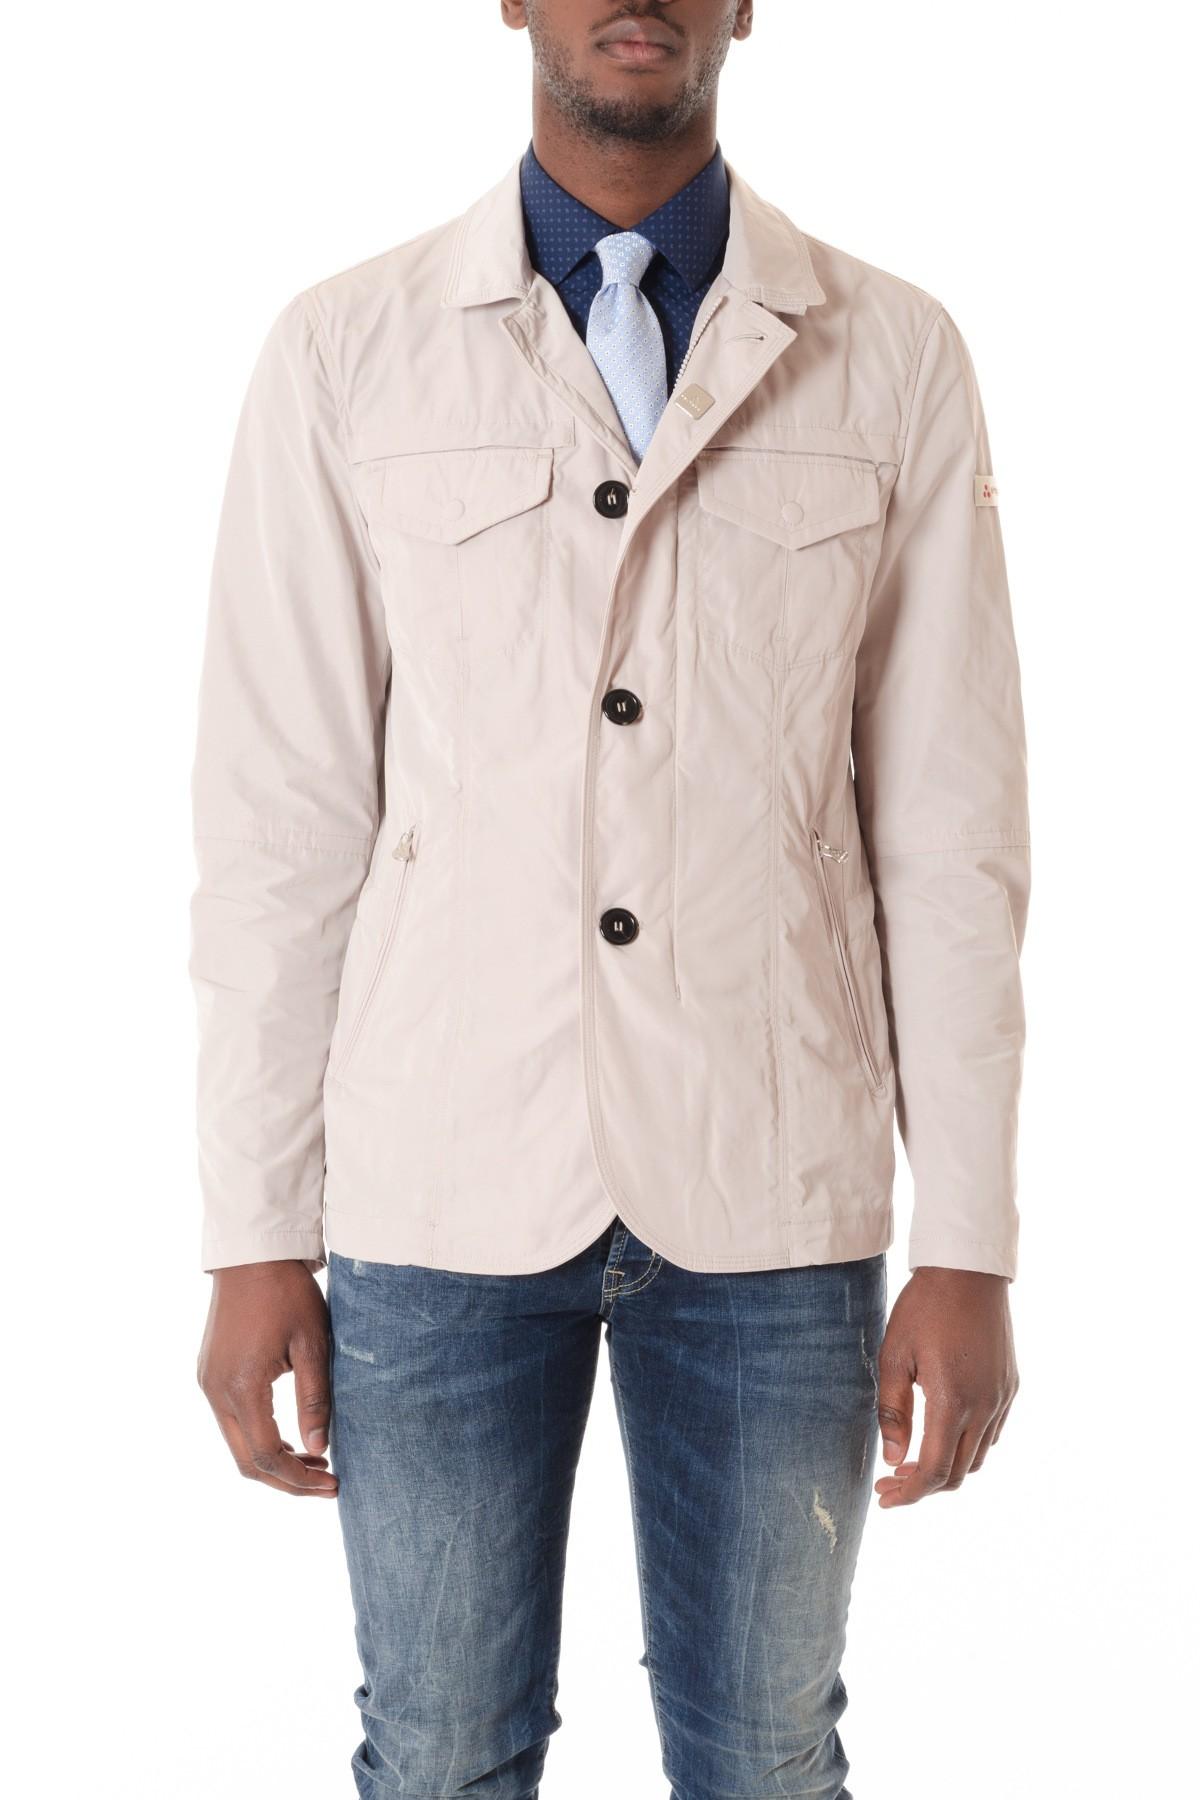 9cecb77b2cbcc P E Giubbotto PEUTEREY per uomo colore beige modello HOLLYWOOD ...